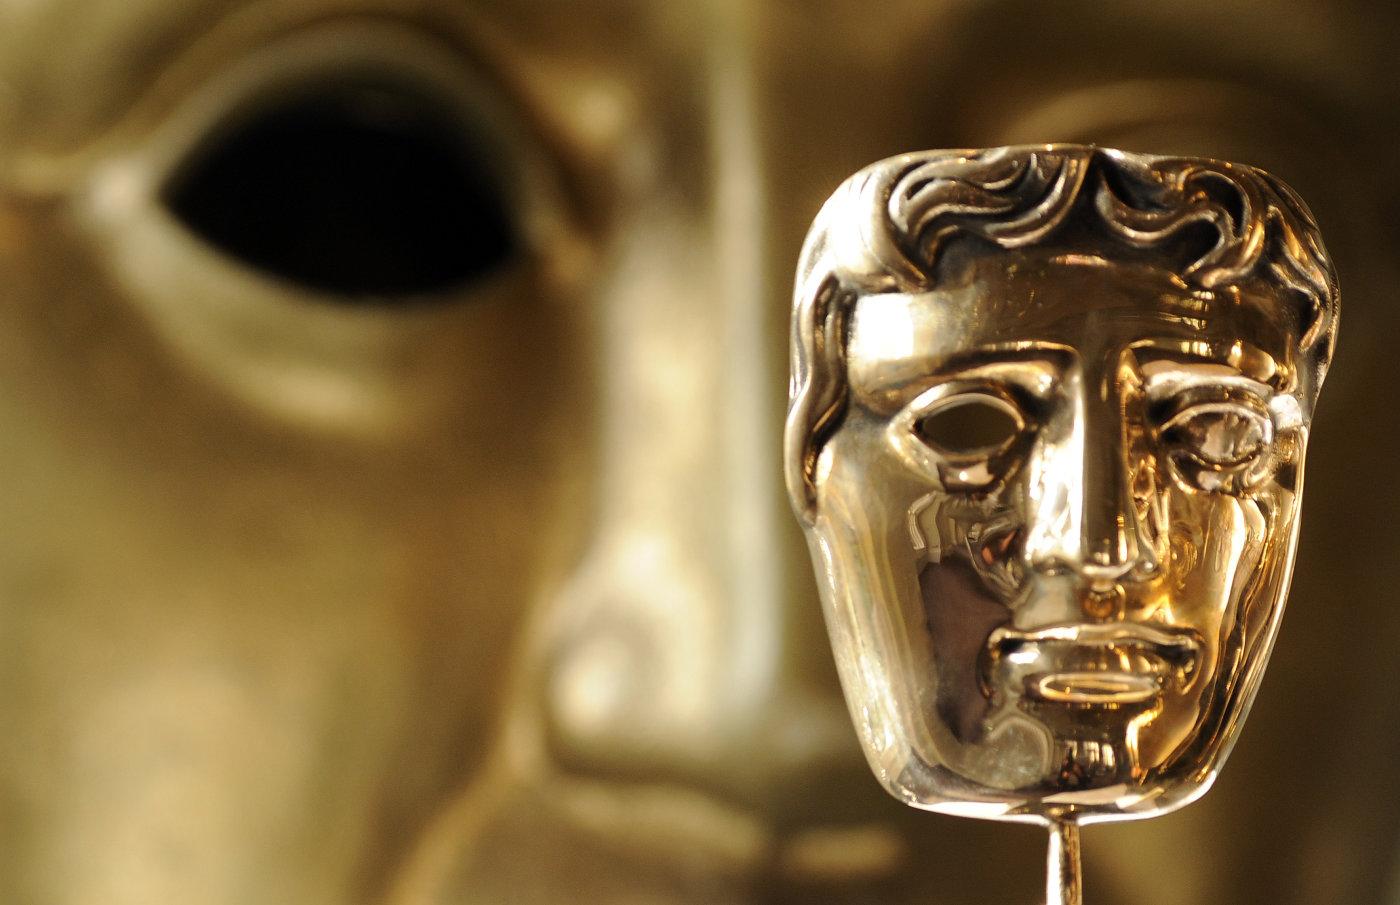 2017 BAFTA Awards Offer Few Surprises